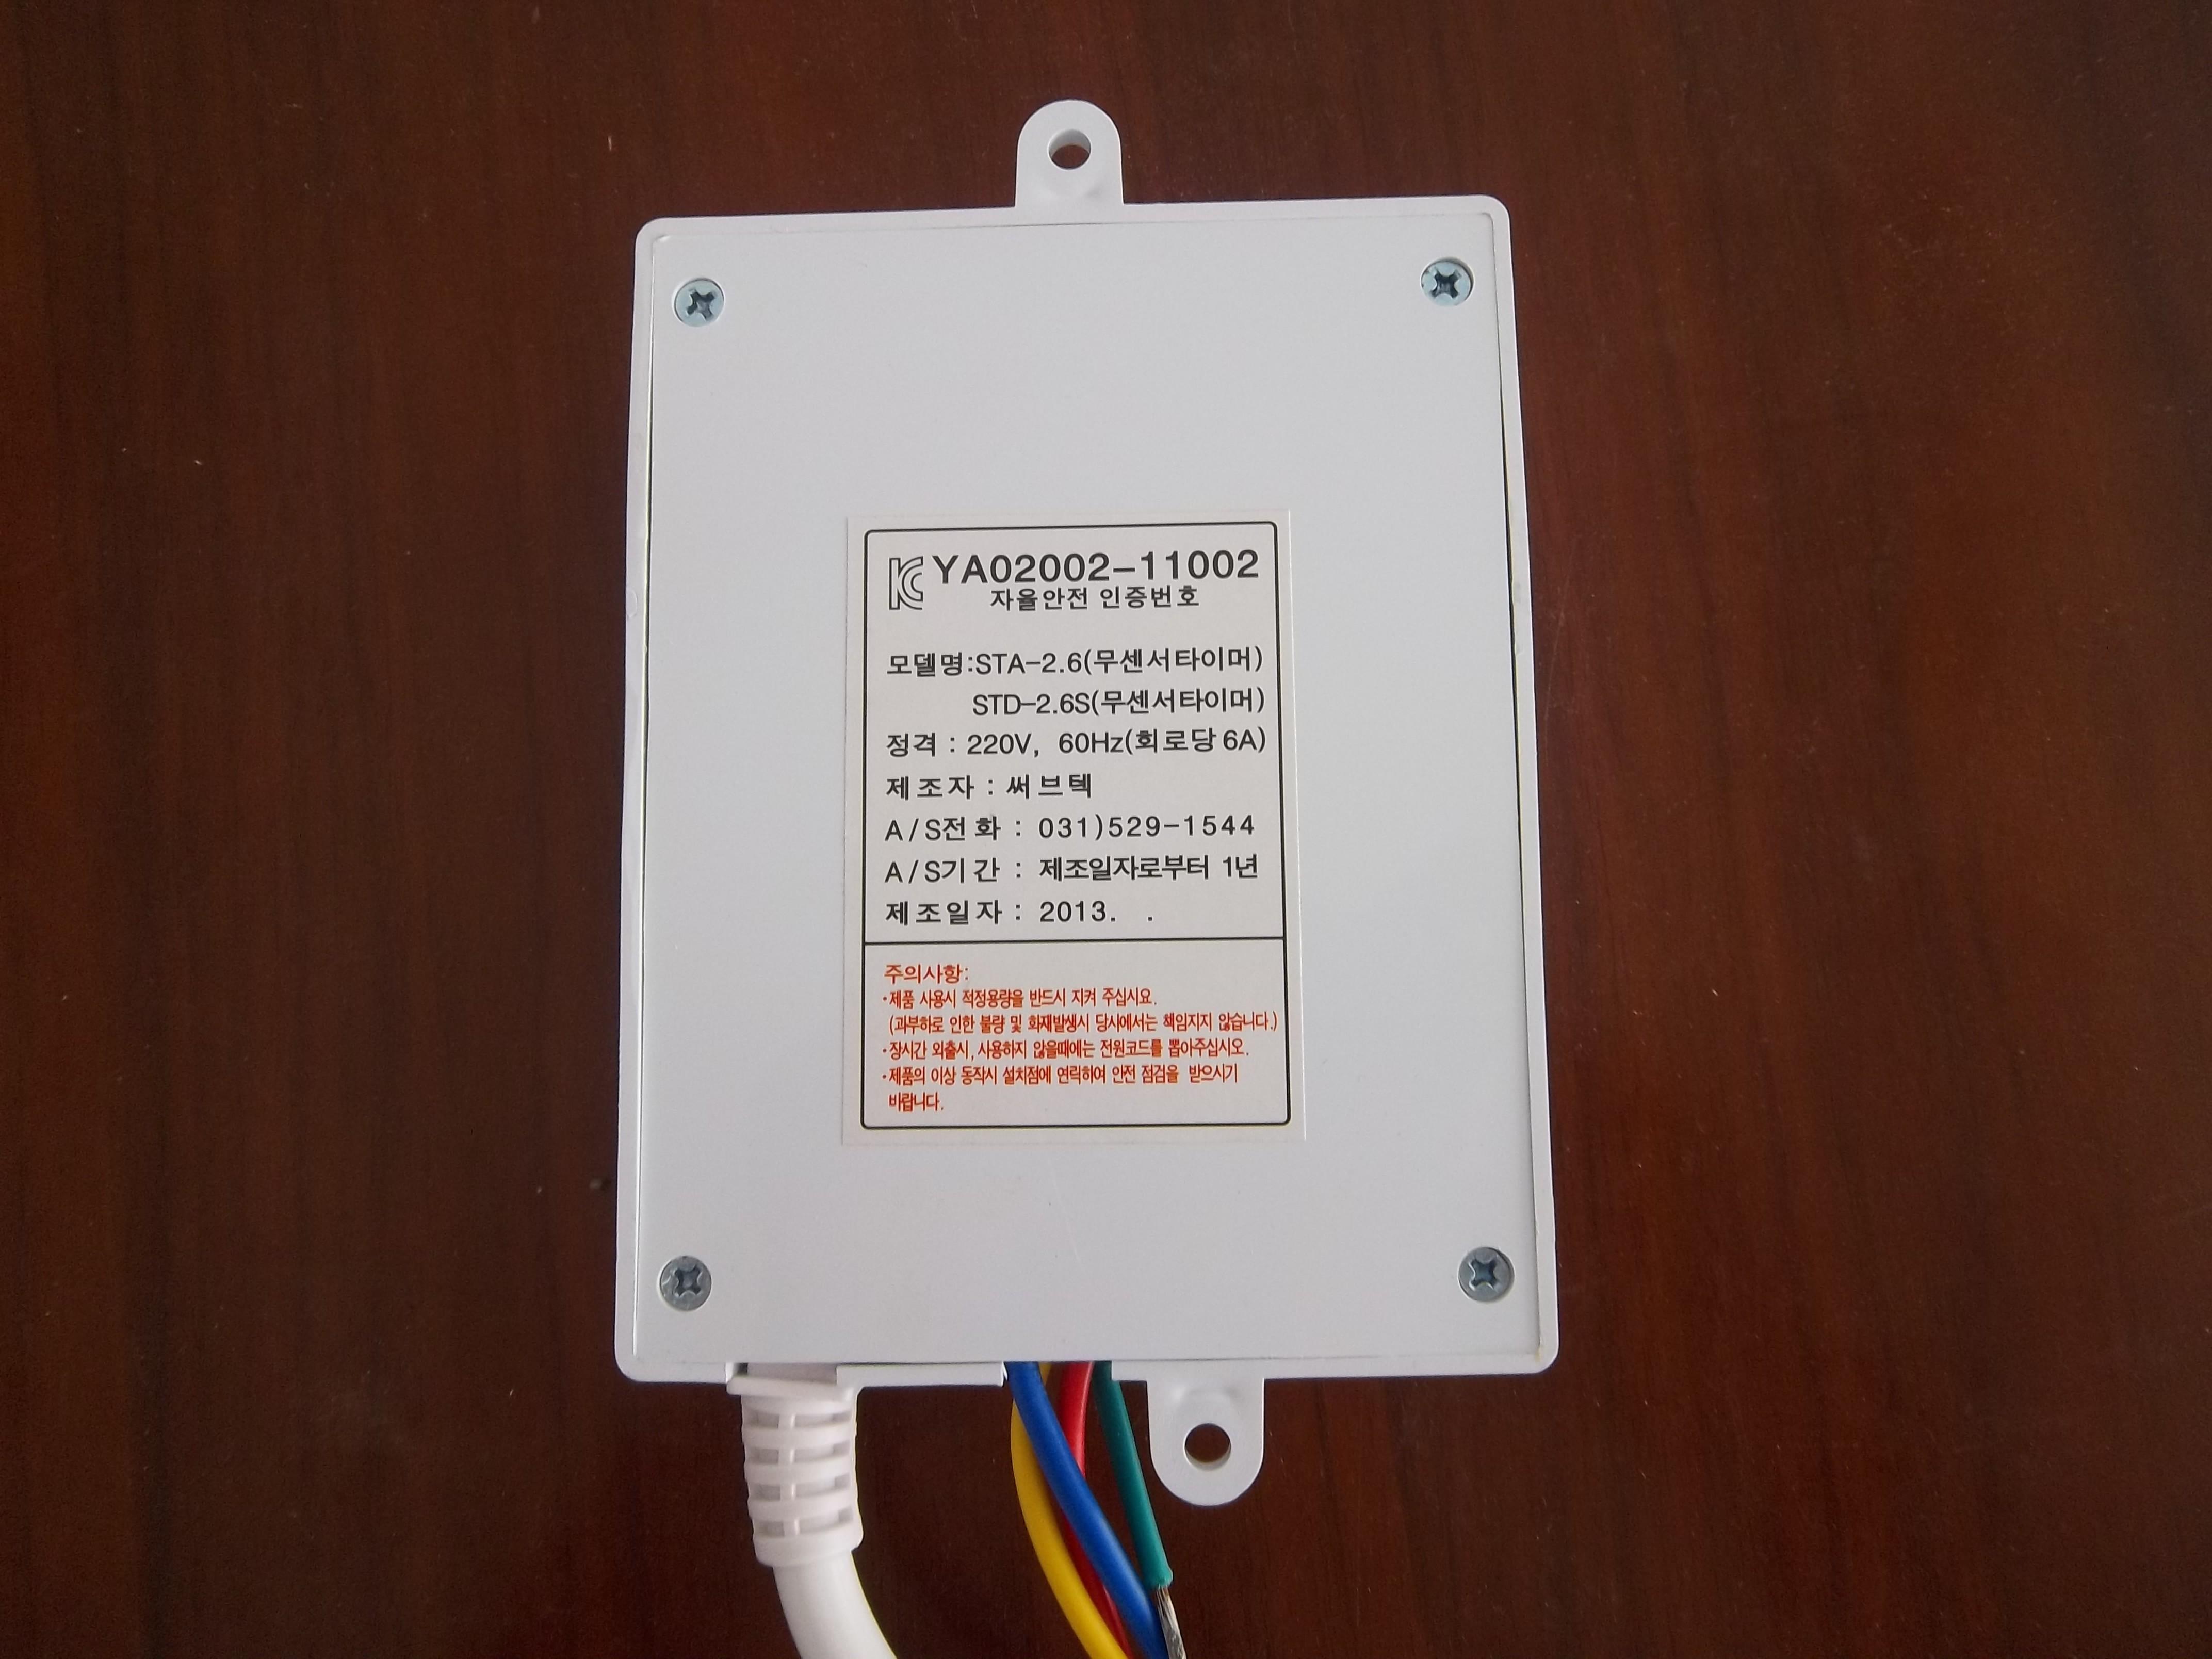 Hàn Quốc tấm sưởi điện nhiệt kế để điện giường ấm điện chuyển đổi nghi